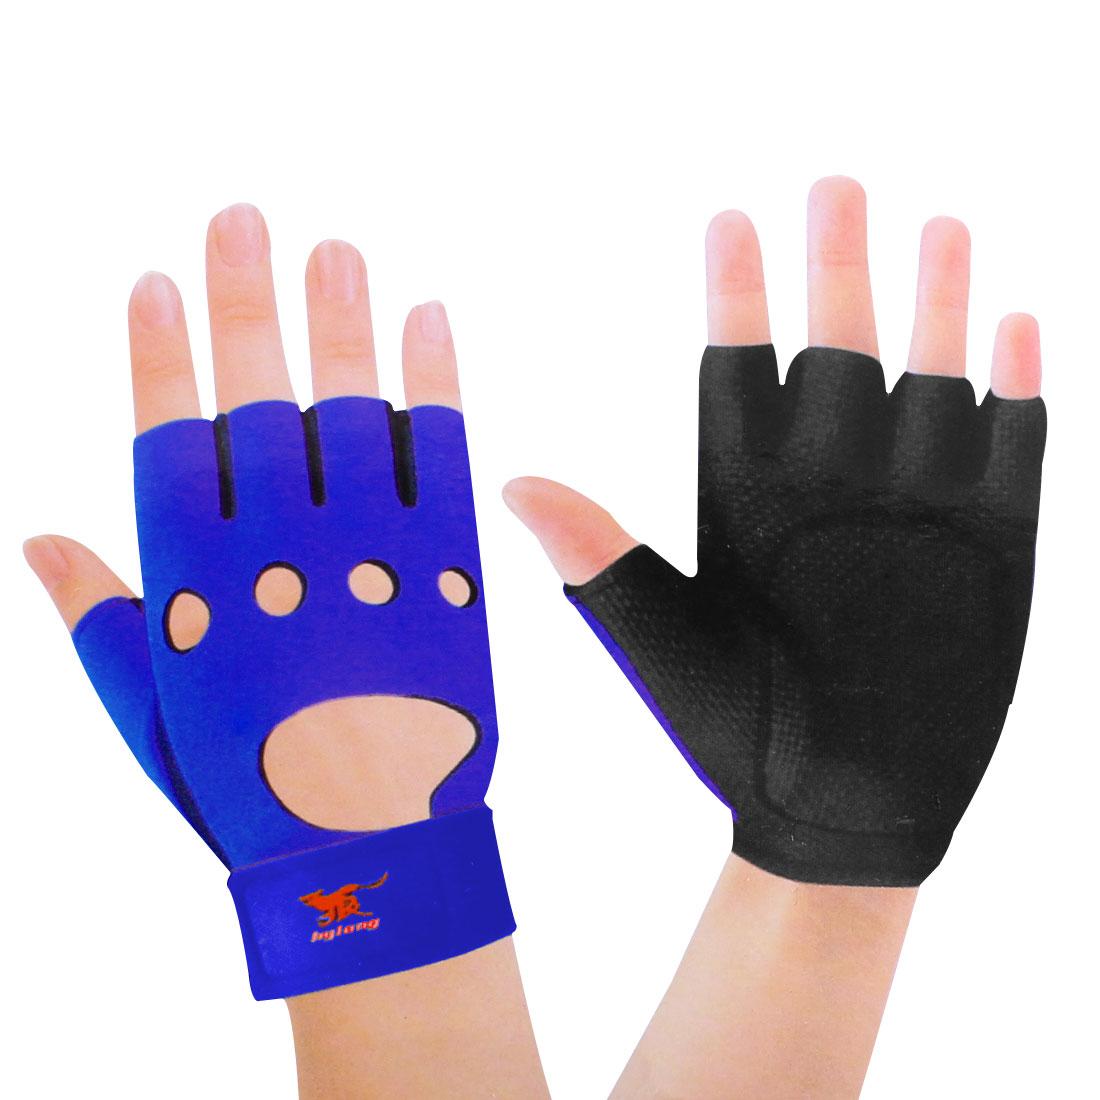 Hook Loop Fastener Black Blue Neoprene Driving Sport Gloves for Ladies Man